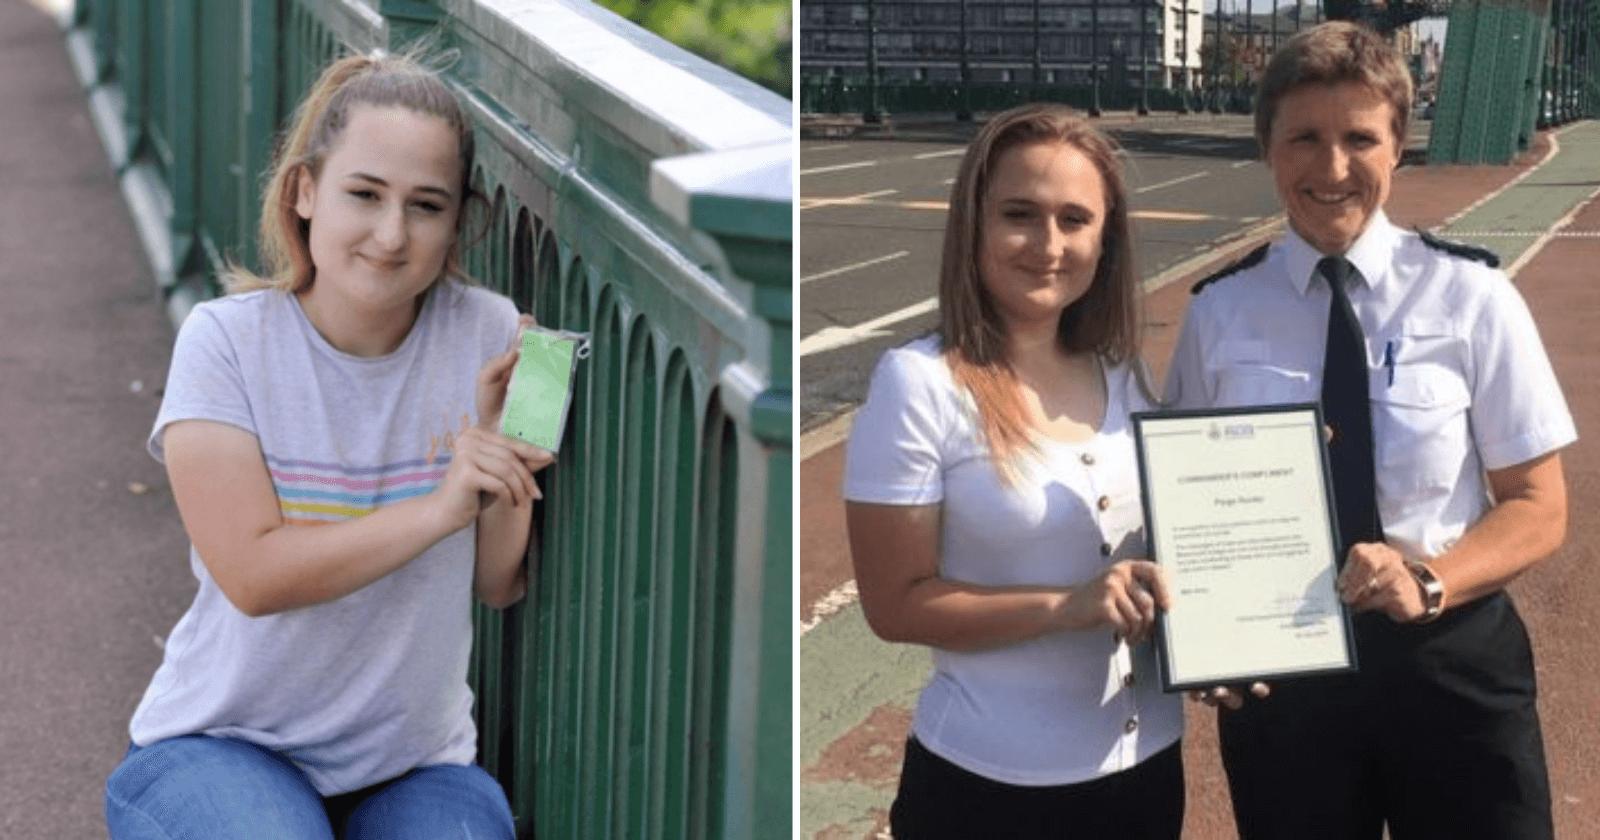 Jovem cria projeto contra suicídio espalhando mensagens que confortam corações